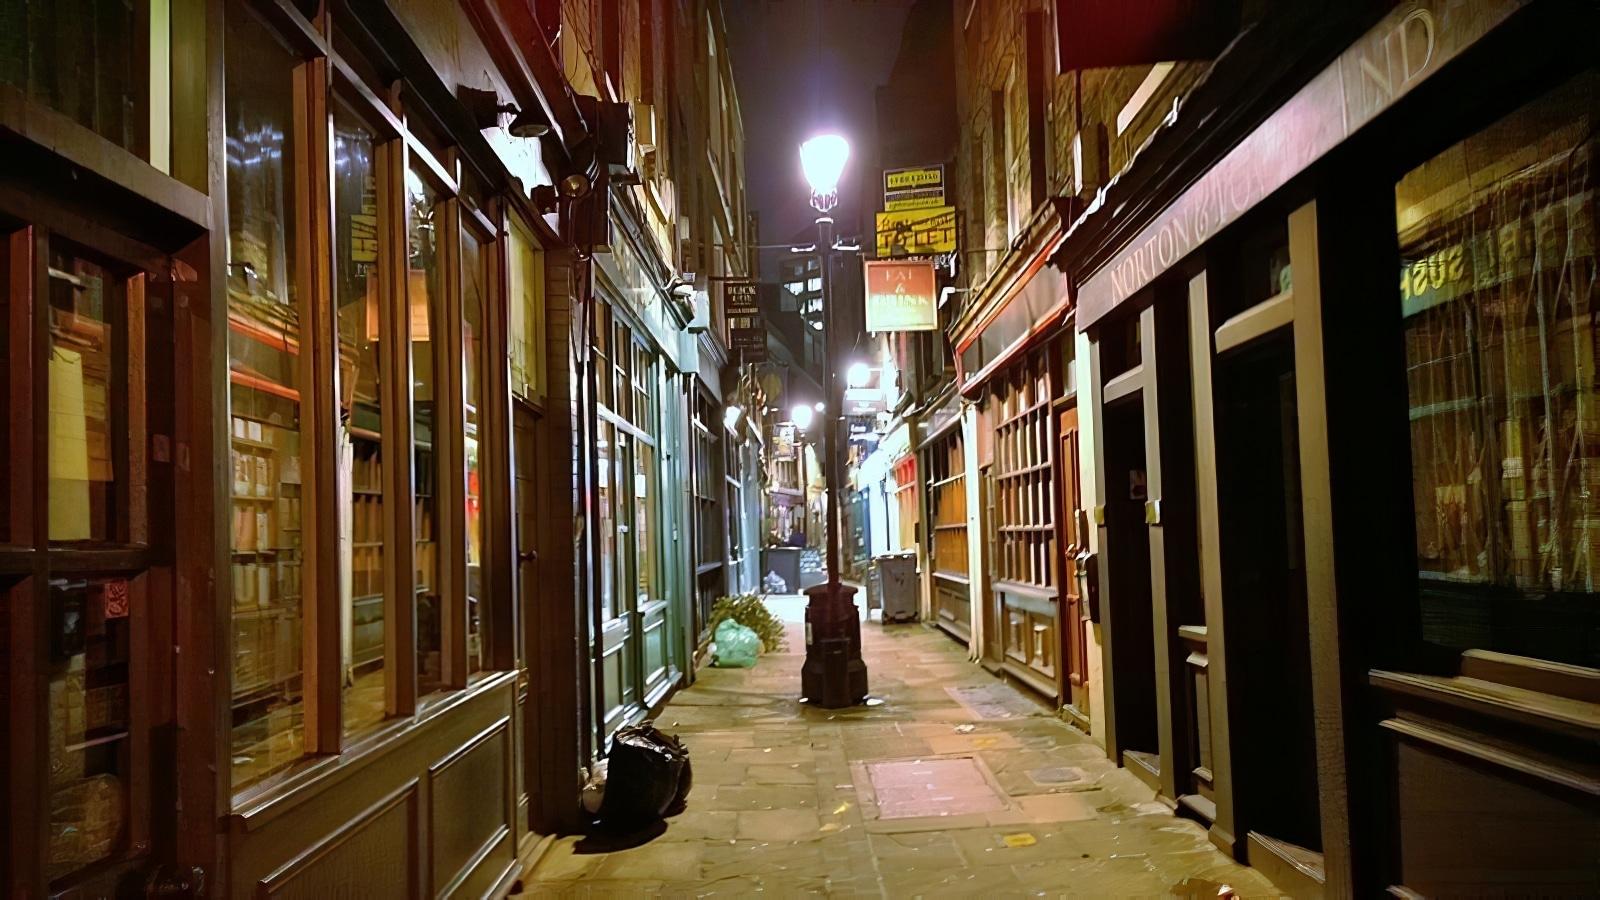 Visite guidée de Londres sur les traces de Jack l'Éventreur